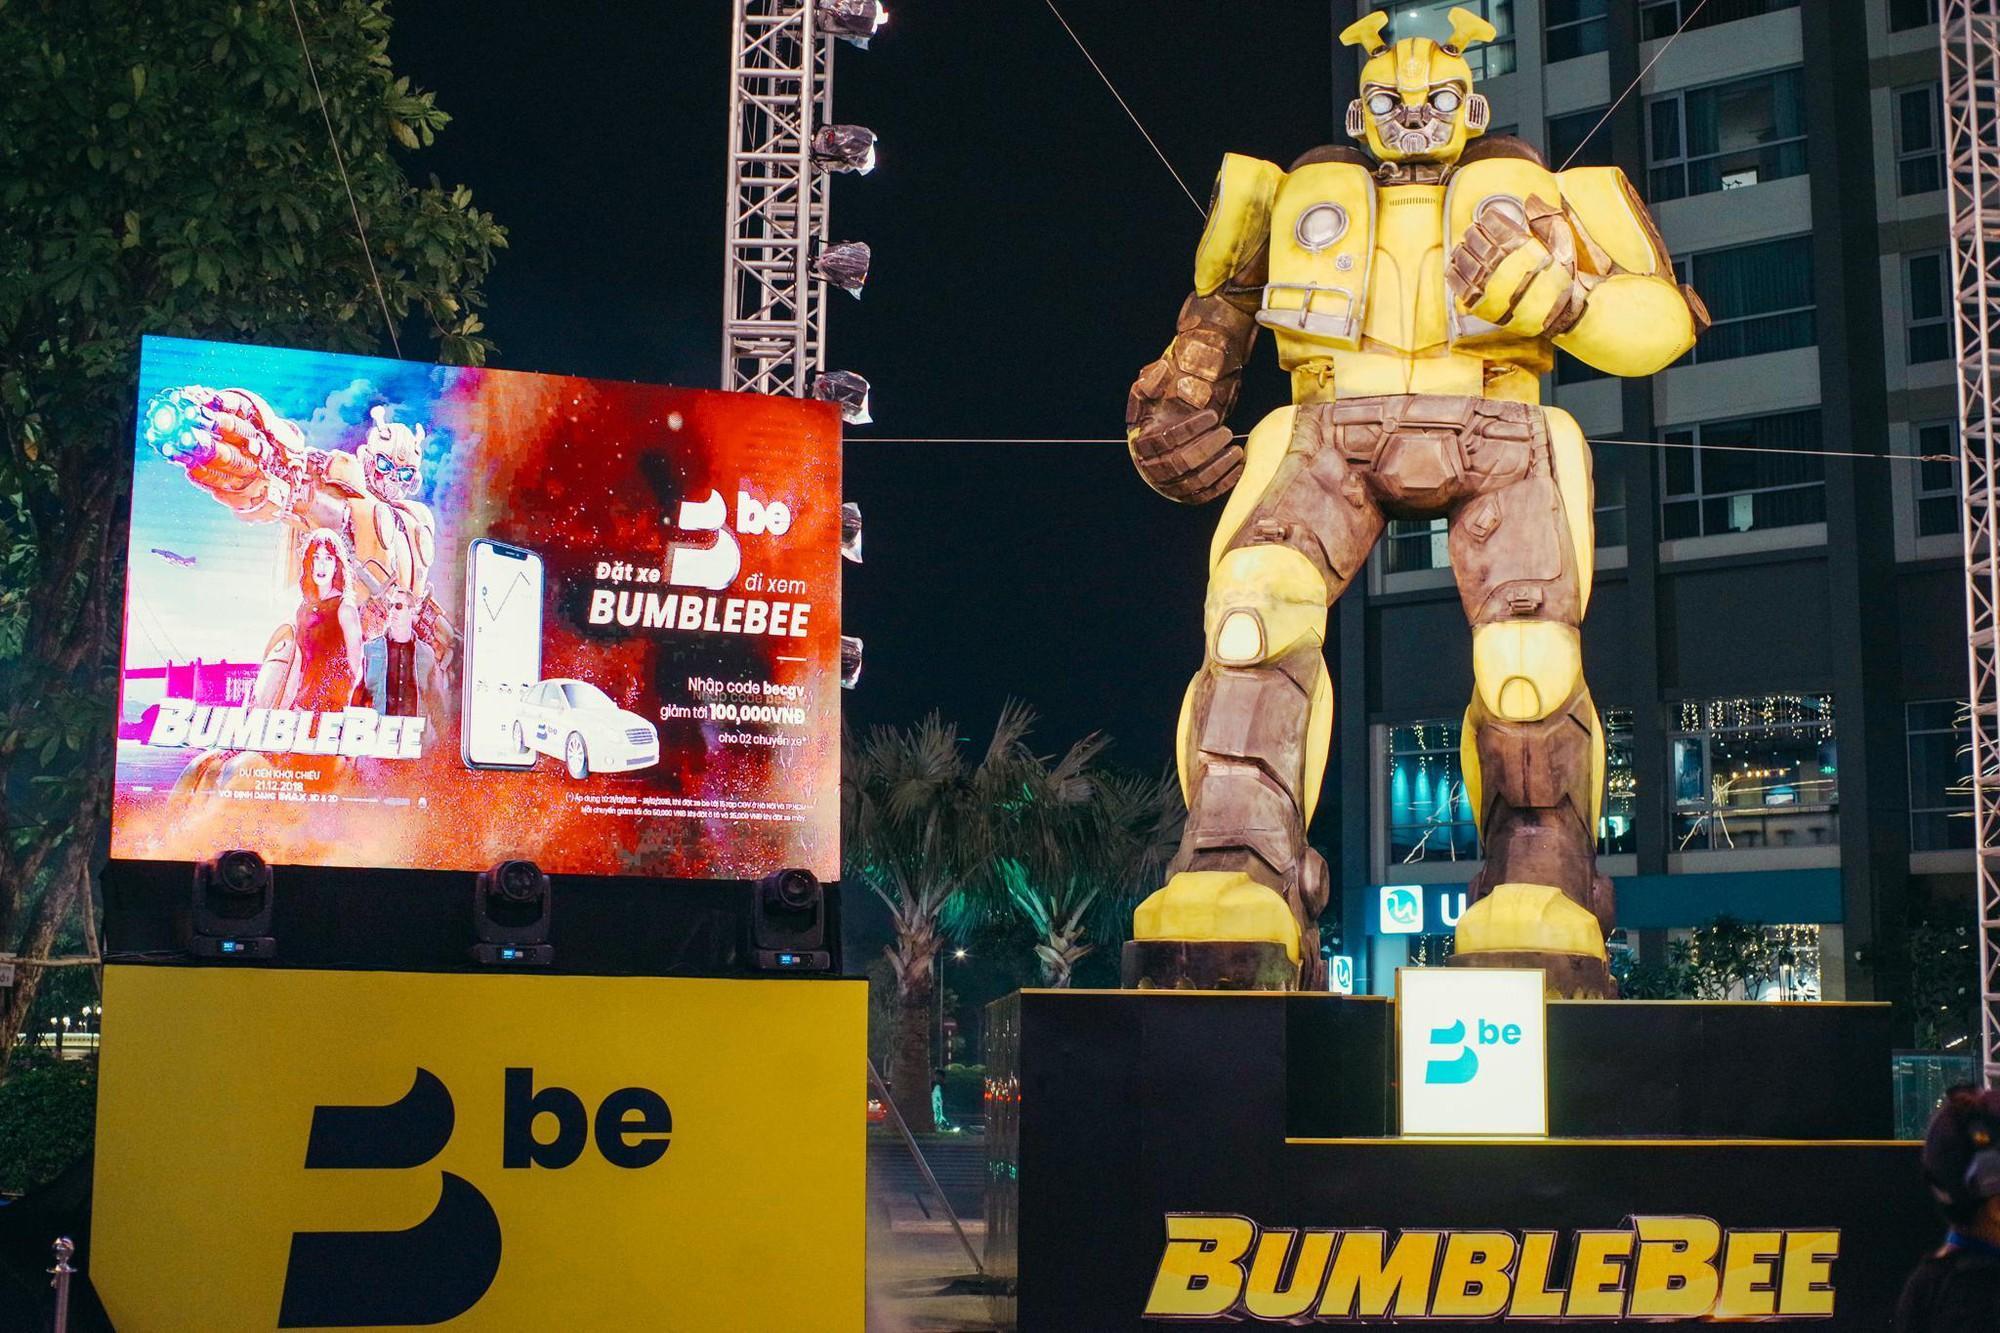 Choáng ngợp với mô hình Bumblebee lớn nhất tại Việt Nam - Ảnh 1.